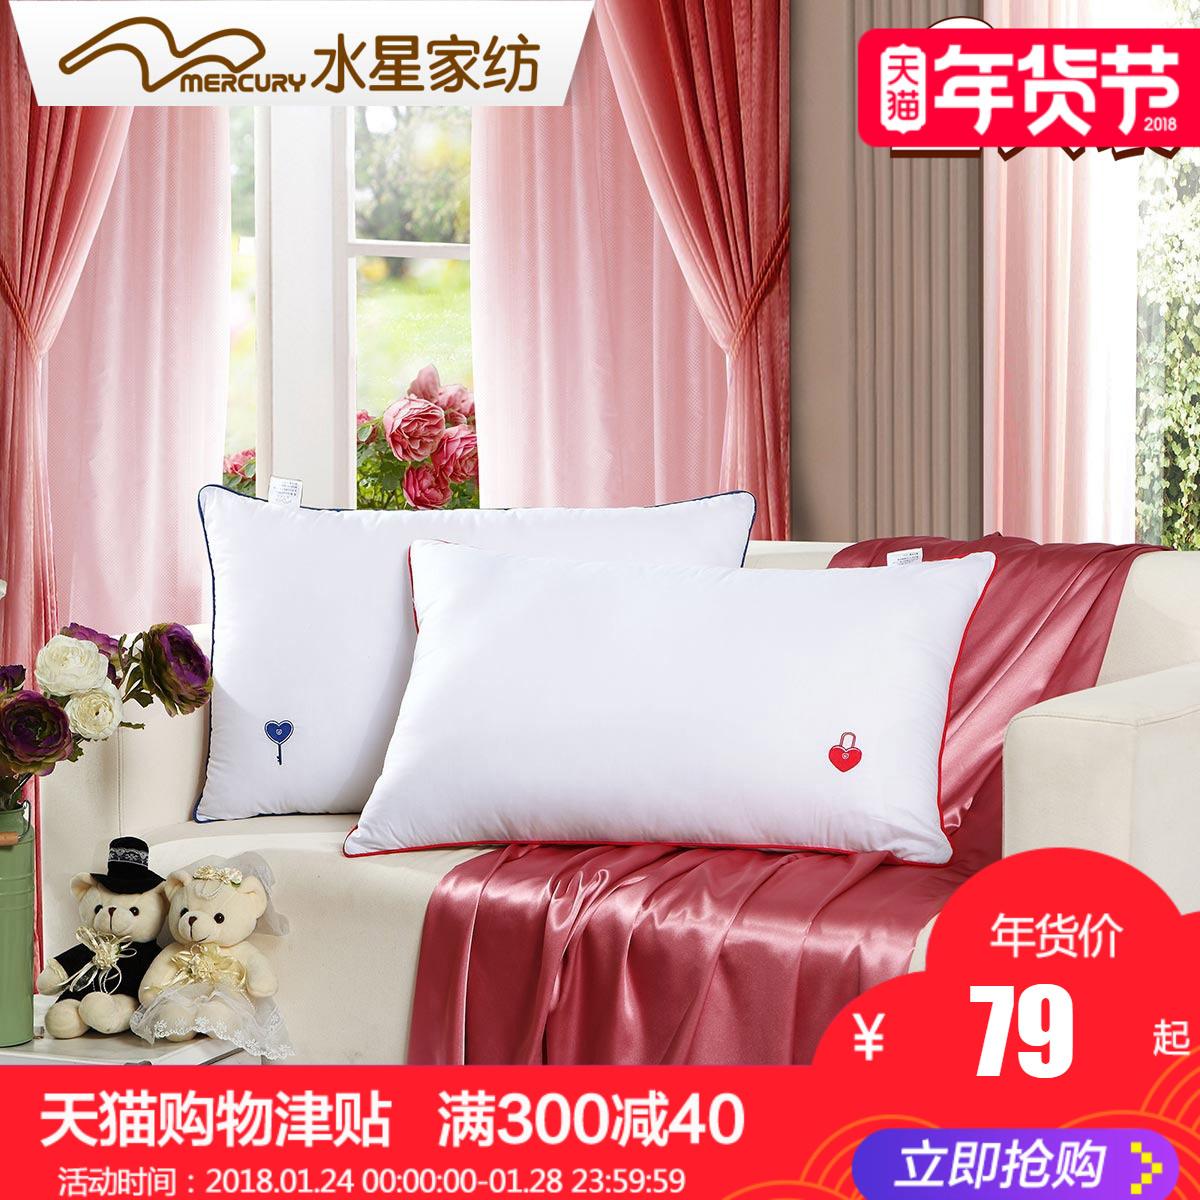 水星家纺枕头一对成人枕芯双人枕头情侣枕学生单人护颈枕爱情锁